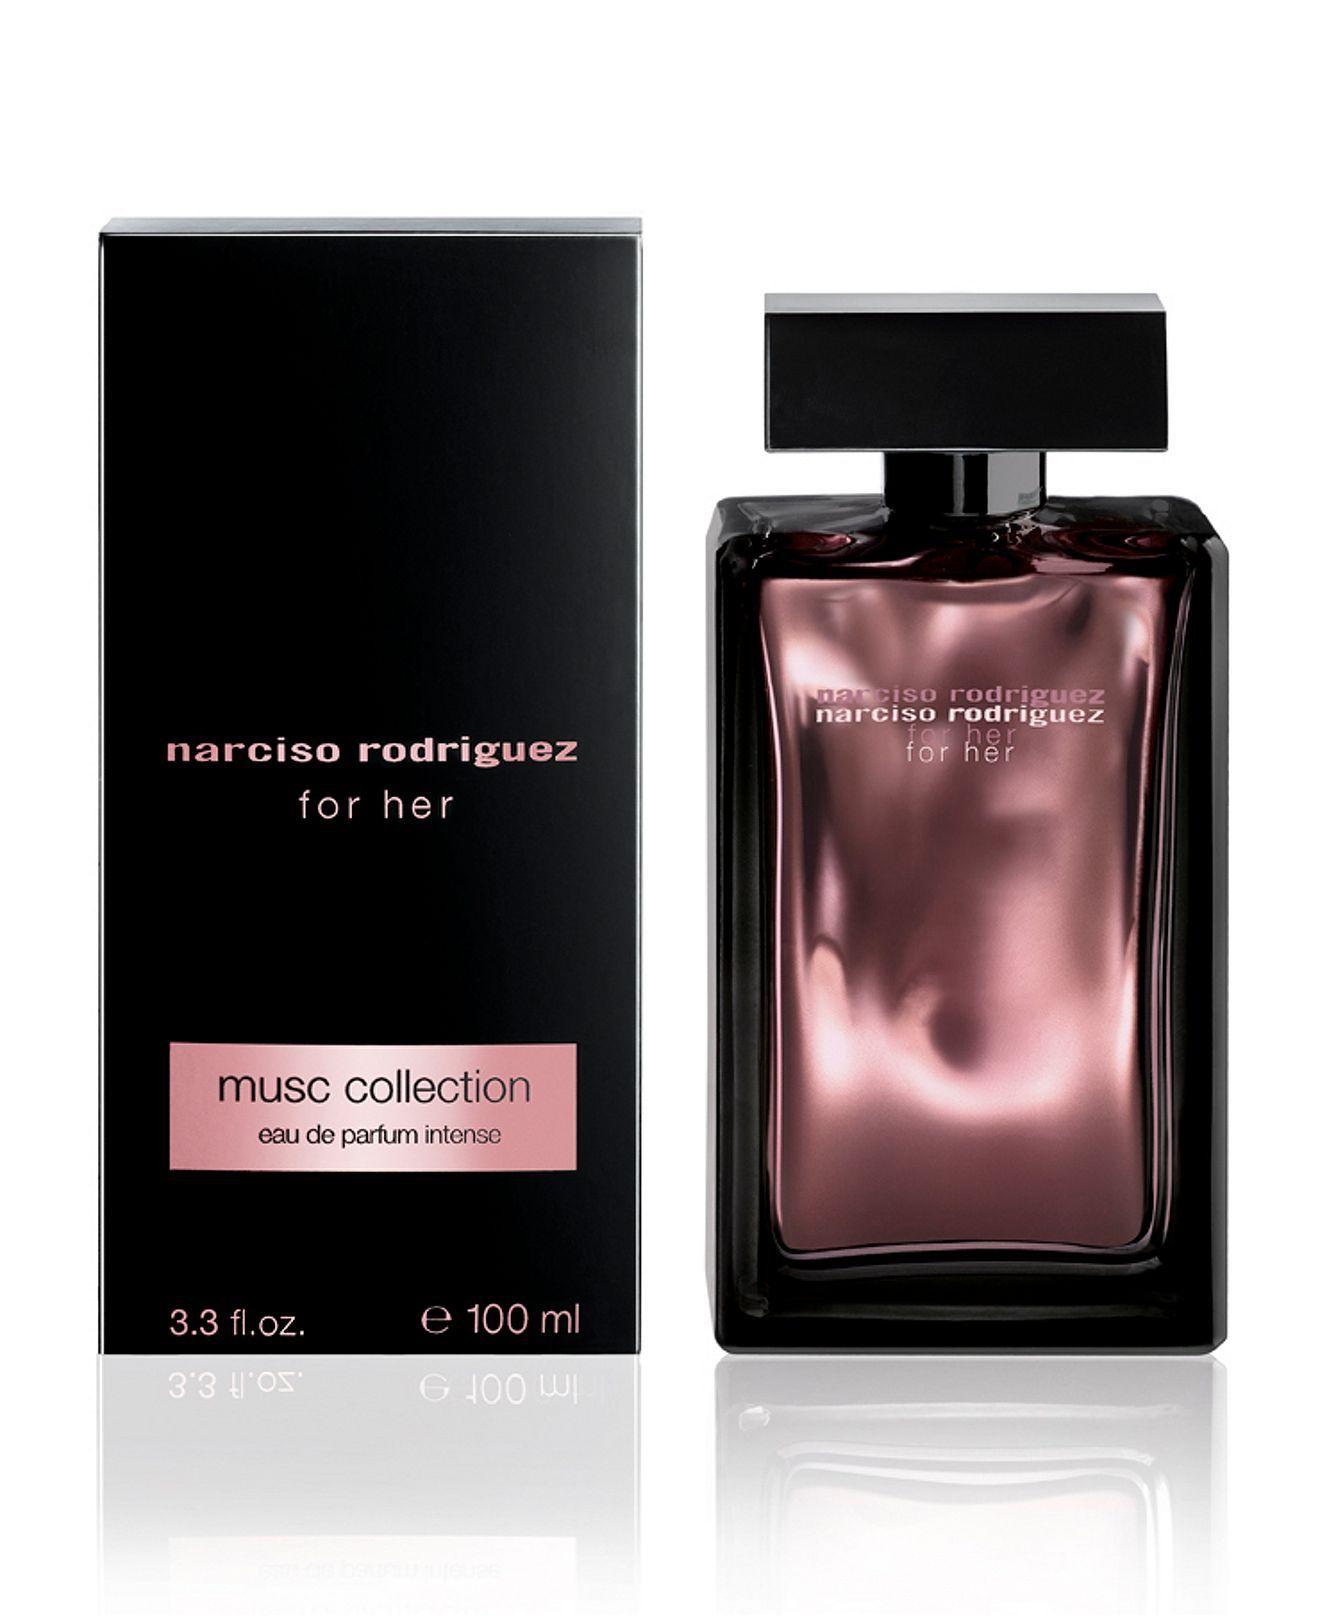 Narciso Rodriguez Musc Collection Eau de Parfum Intense, 3.3